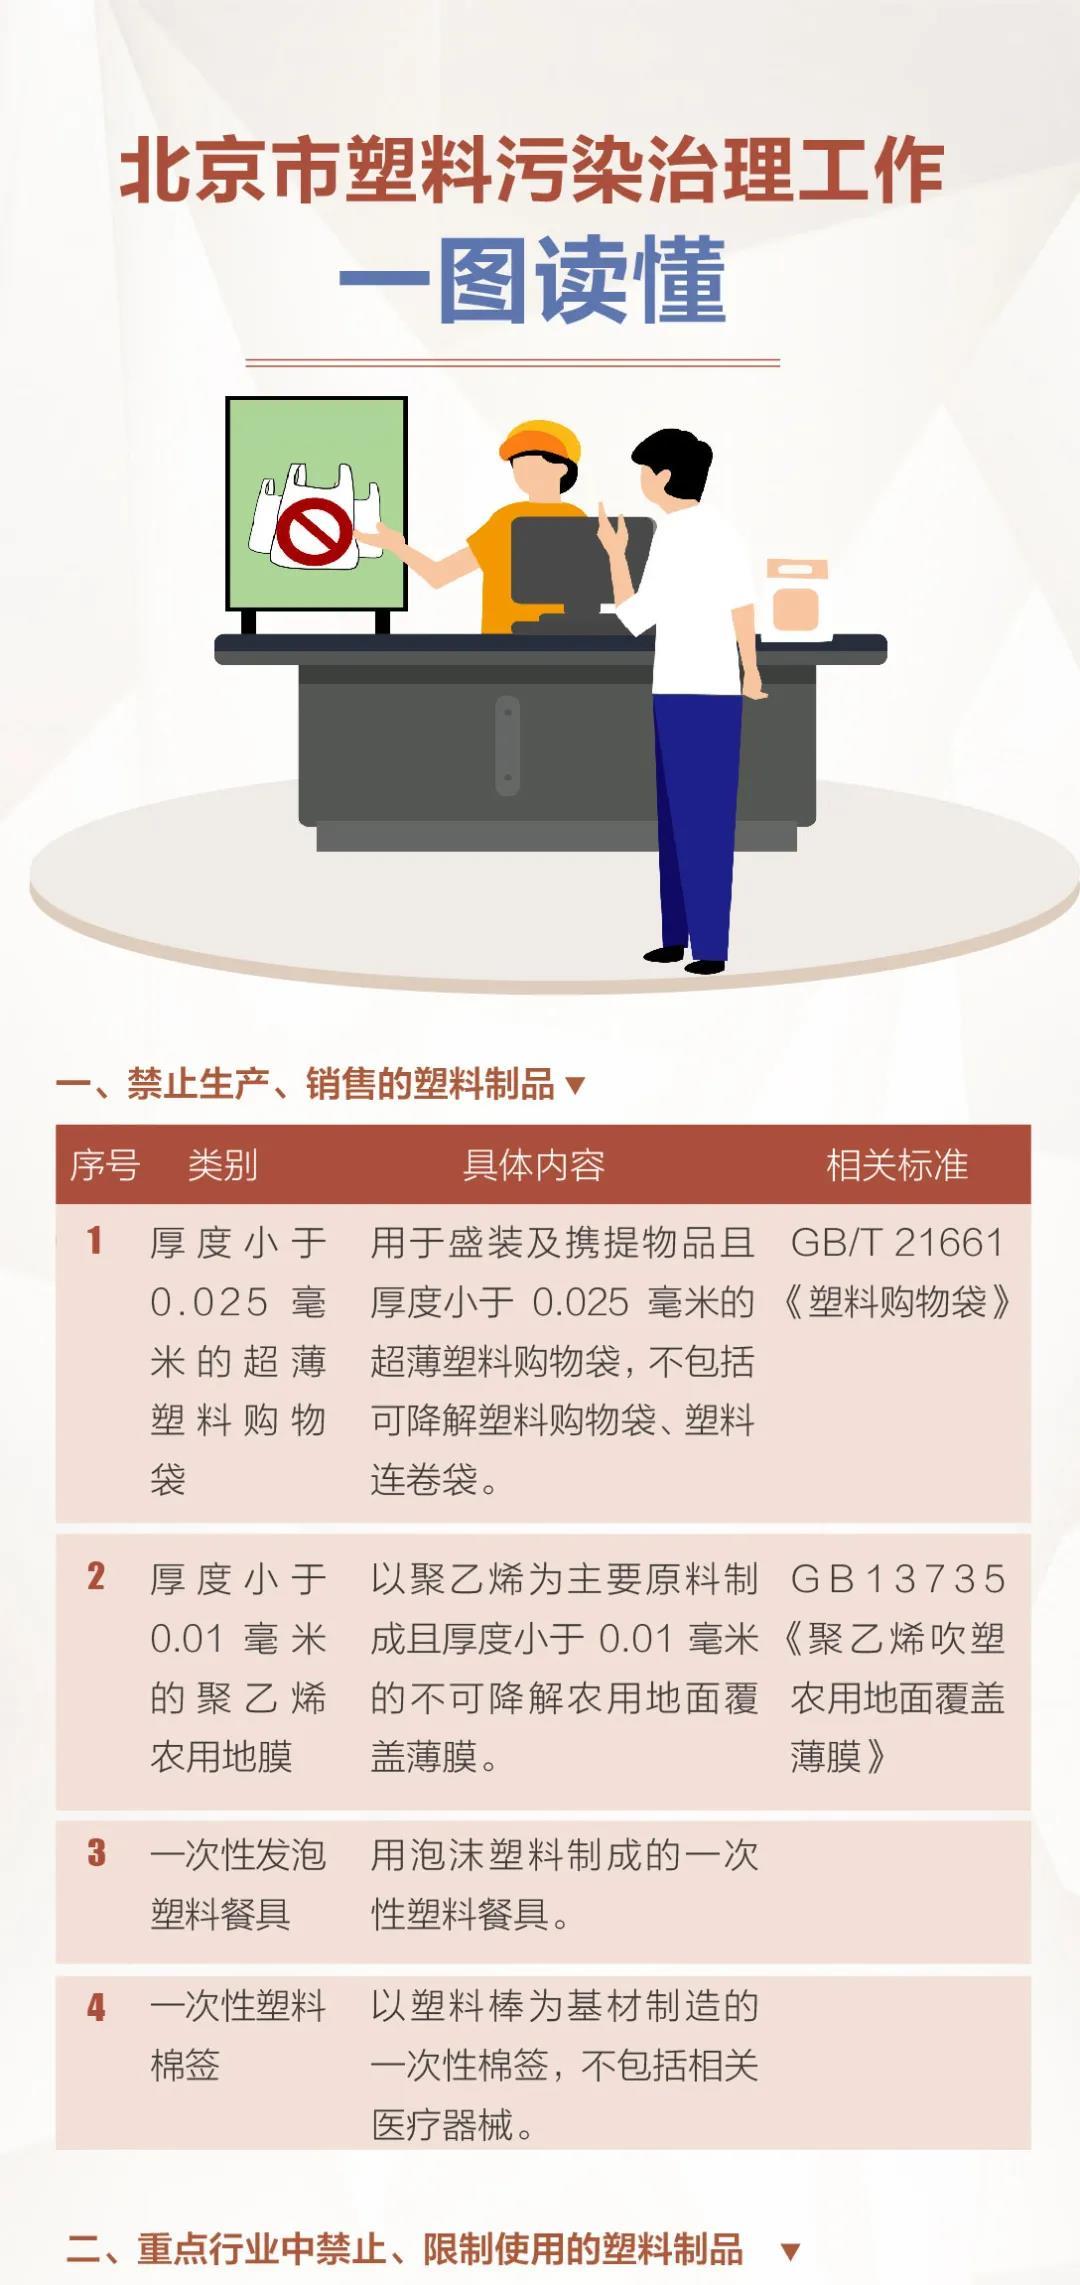 北京市塑料污染治理工作详解发布 餐饮行业禁止使用不可降解一次性塑料